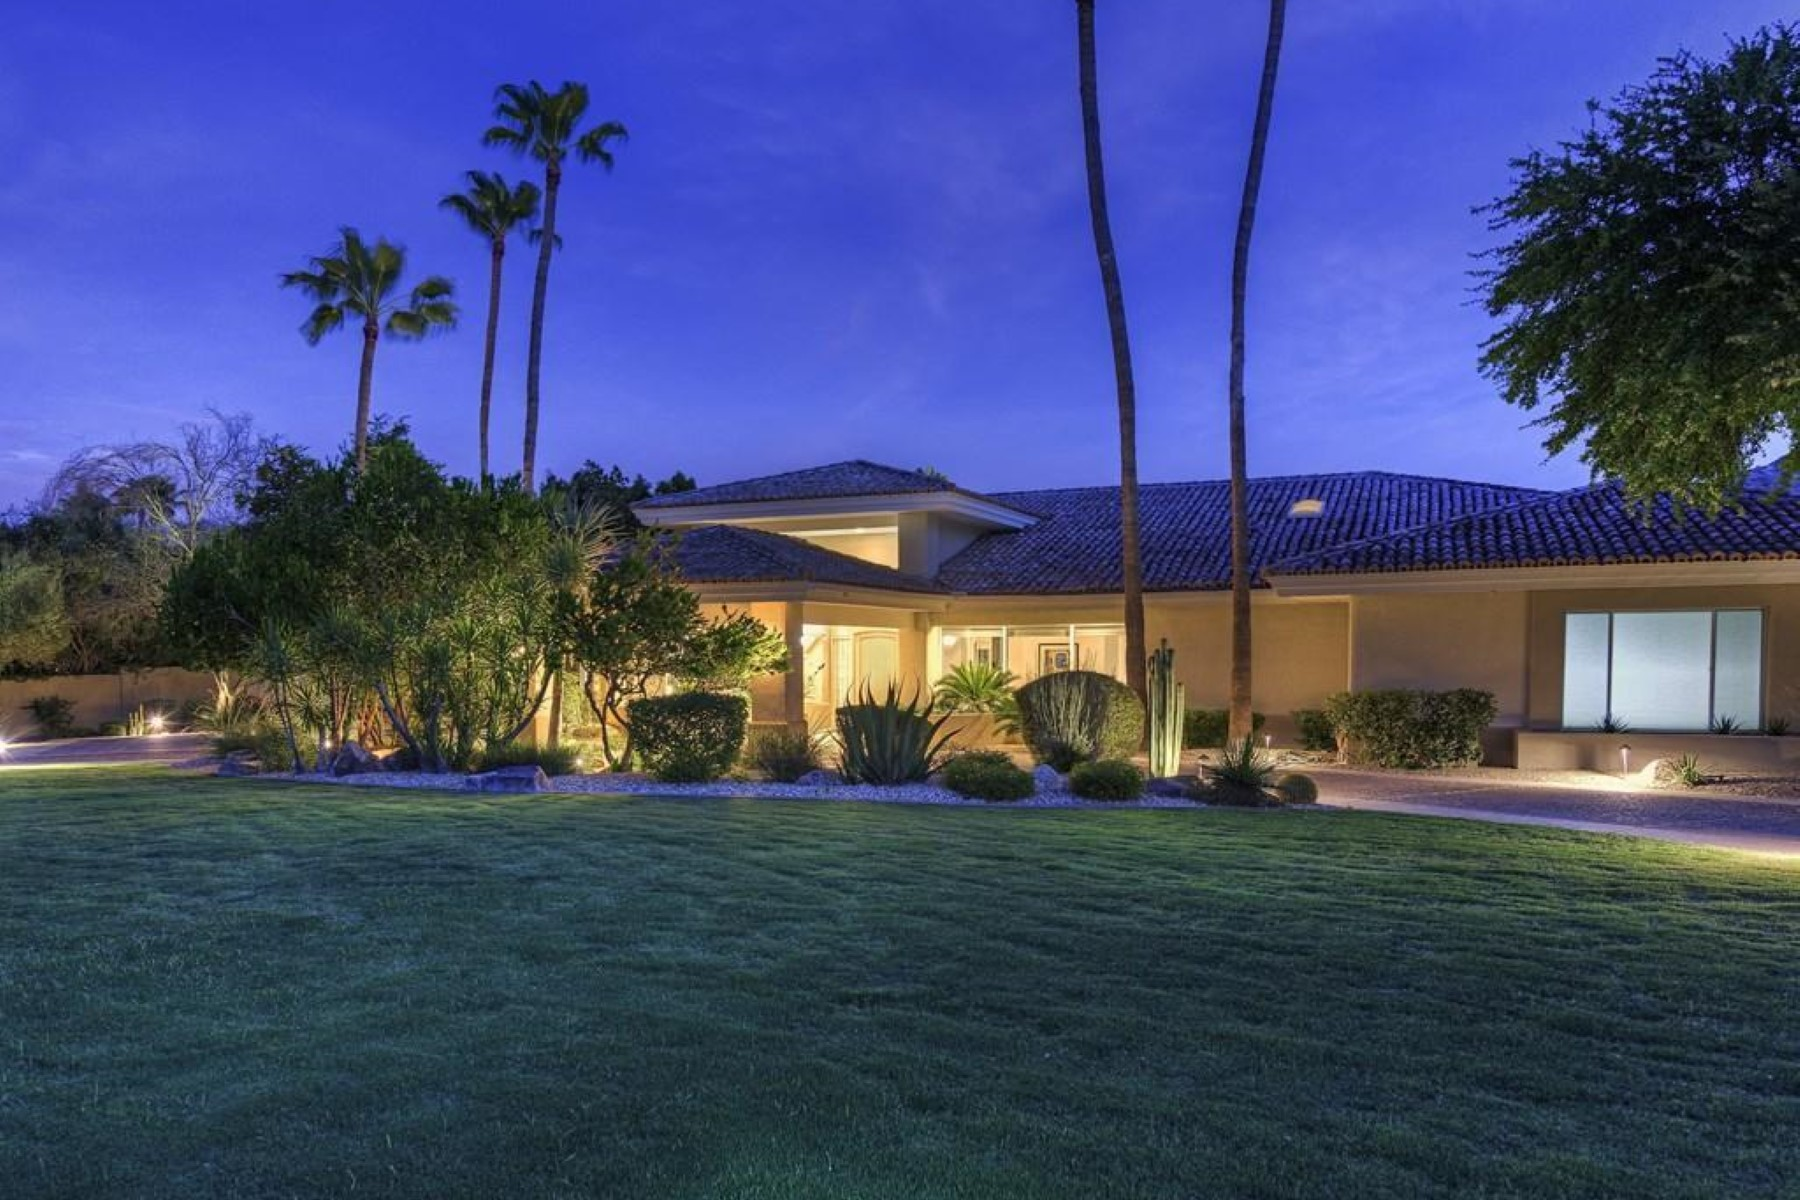 Nhà ở một gia đình vì Bán tại Your own personal resort with exquisite mountain views. 5969 E MOCKINGBIRD LN Paradise Valley, Arizona 85253 Hoa Kỳ